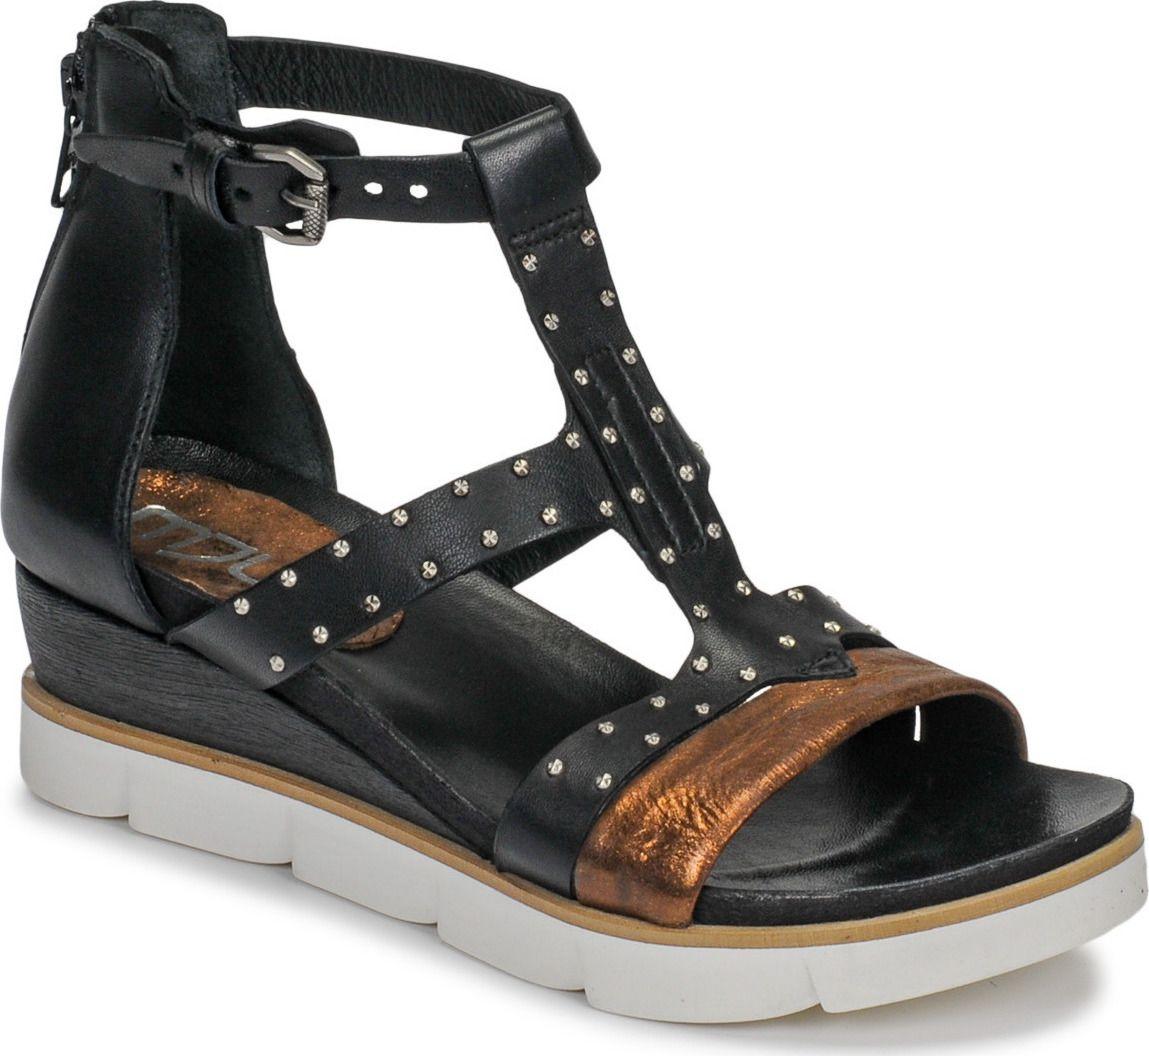 0d74d8af957 Σανδάλια Mjus TAPASITA CLOU - Skroutz.gr | Shoes in 2019 | Shoes ...